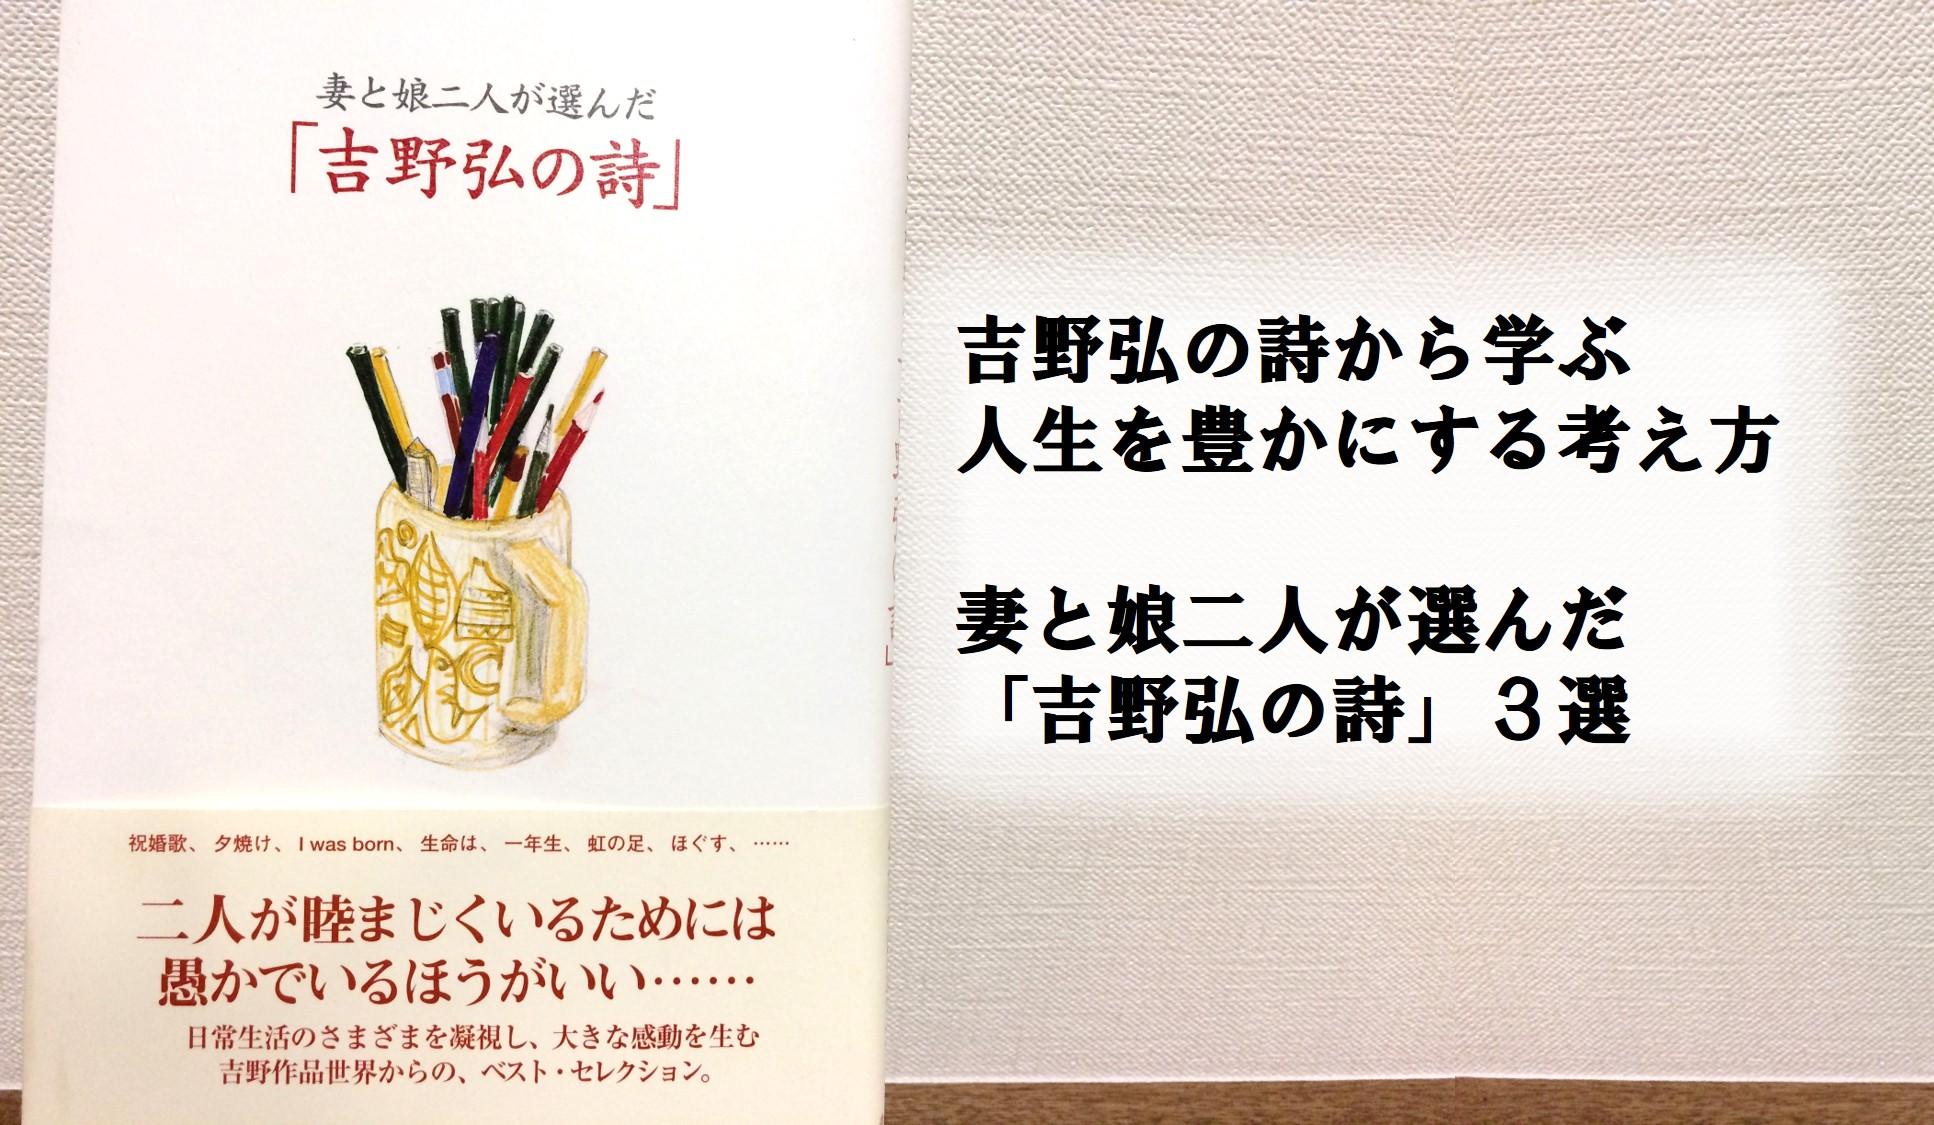 吉野弘の詩から学ぶ人生を豊かにする考え方  妻と娘二人が選んだ「吉野弘の詩」3選